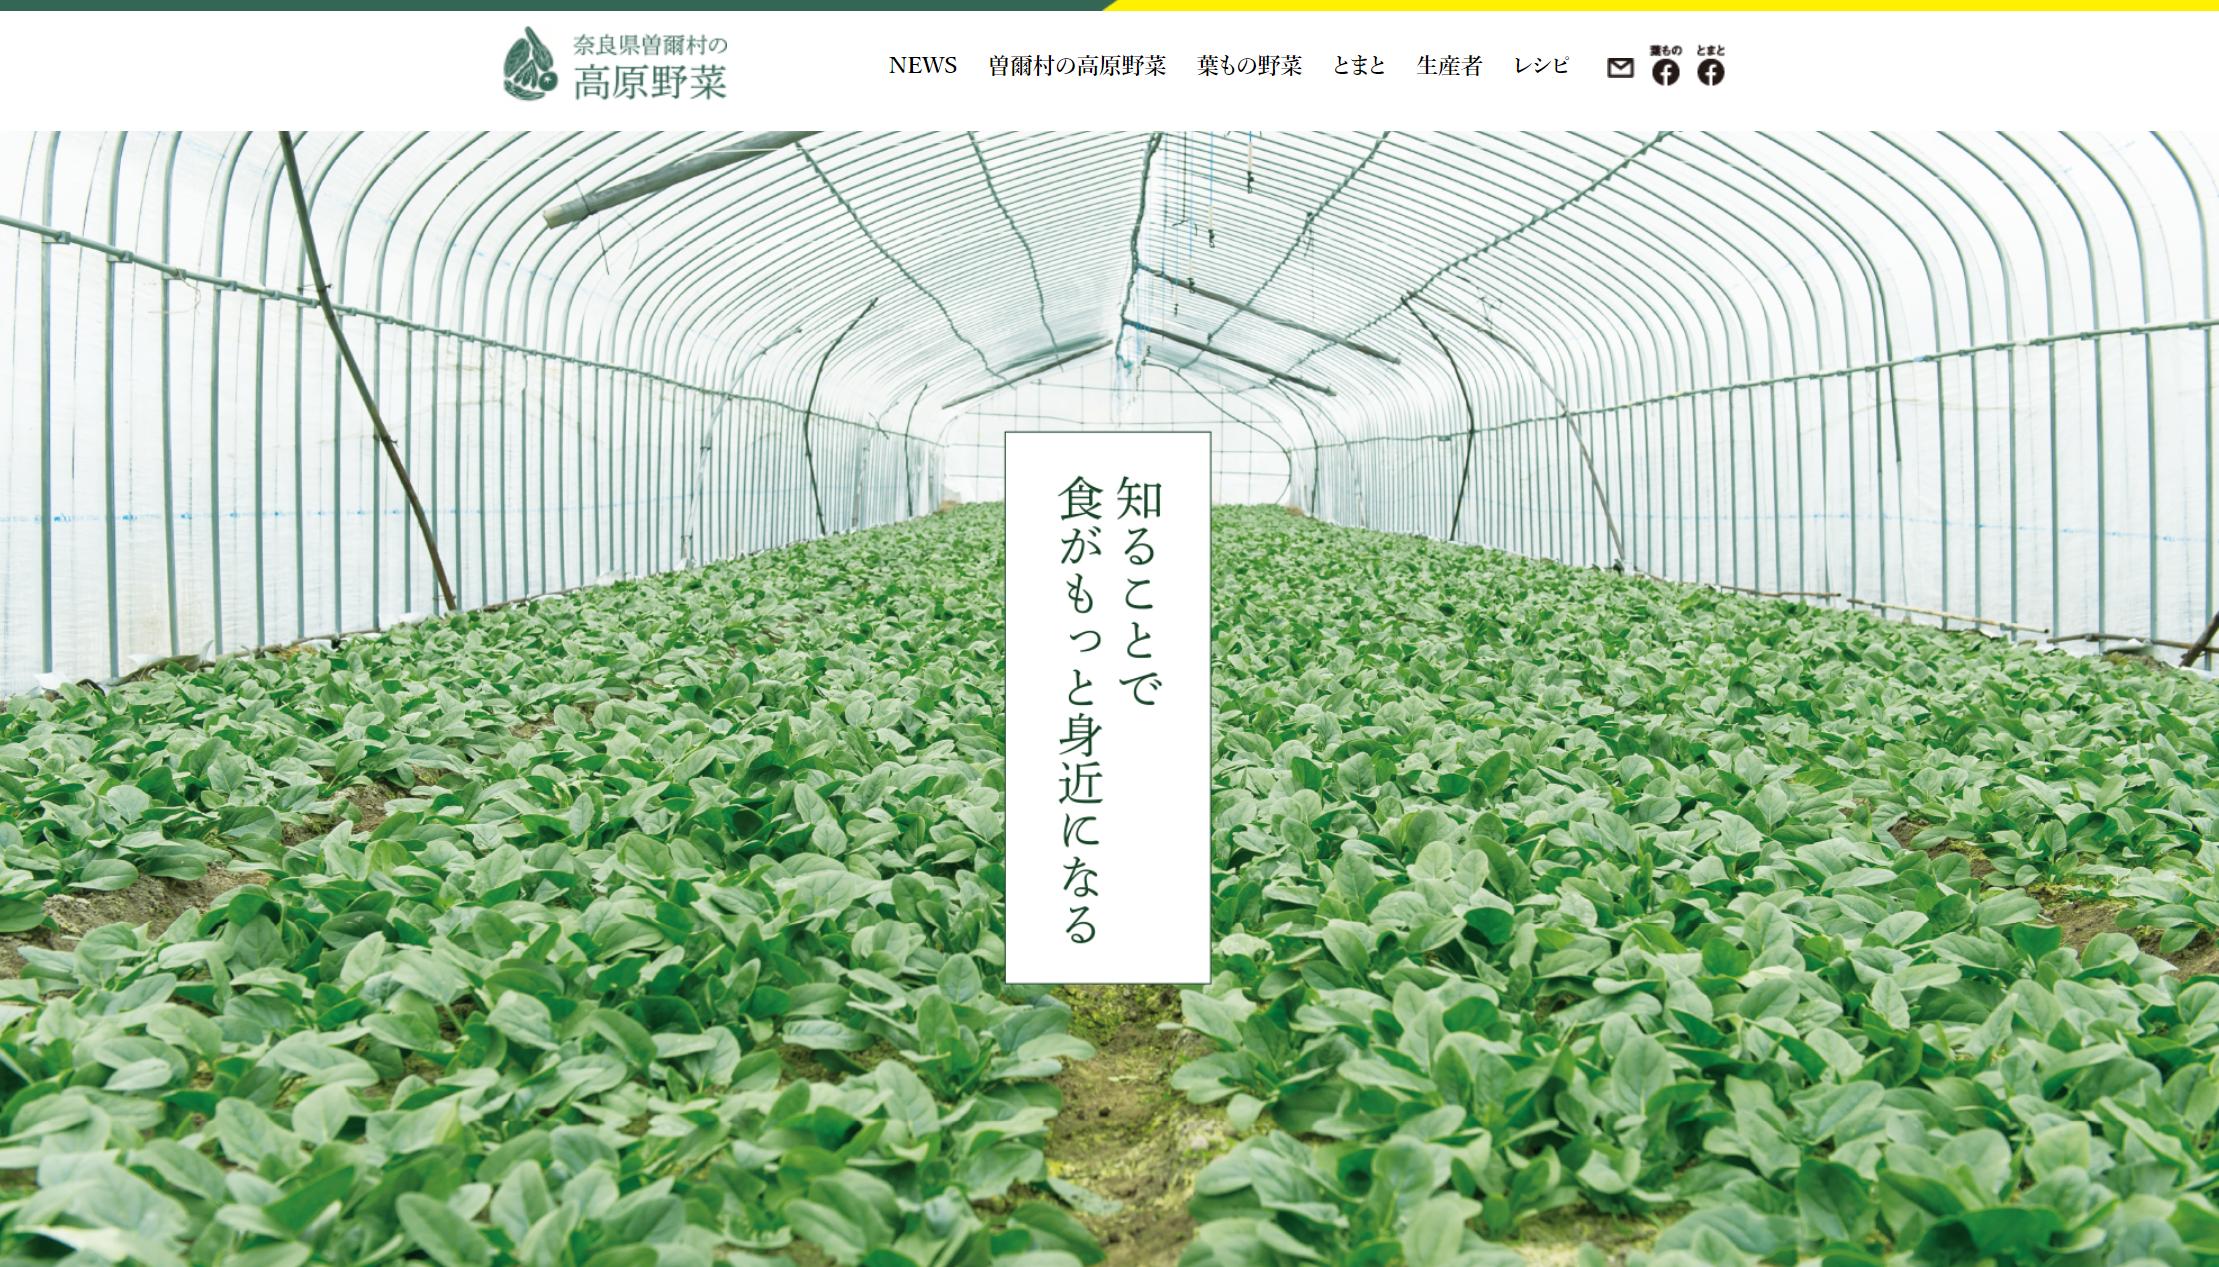 曽爾高原野菜のPRホームページ